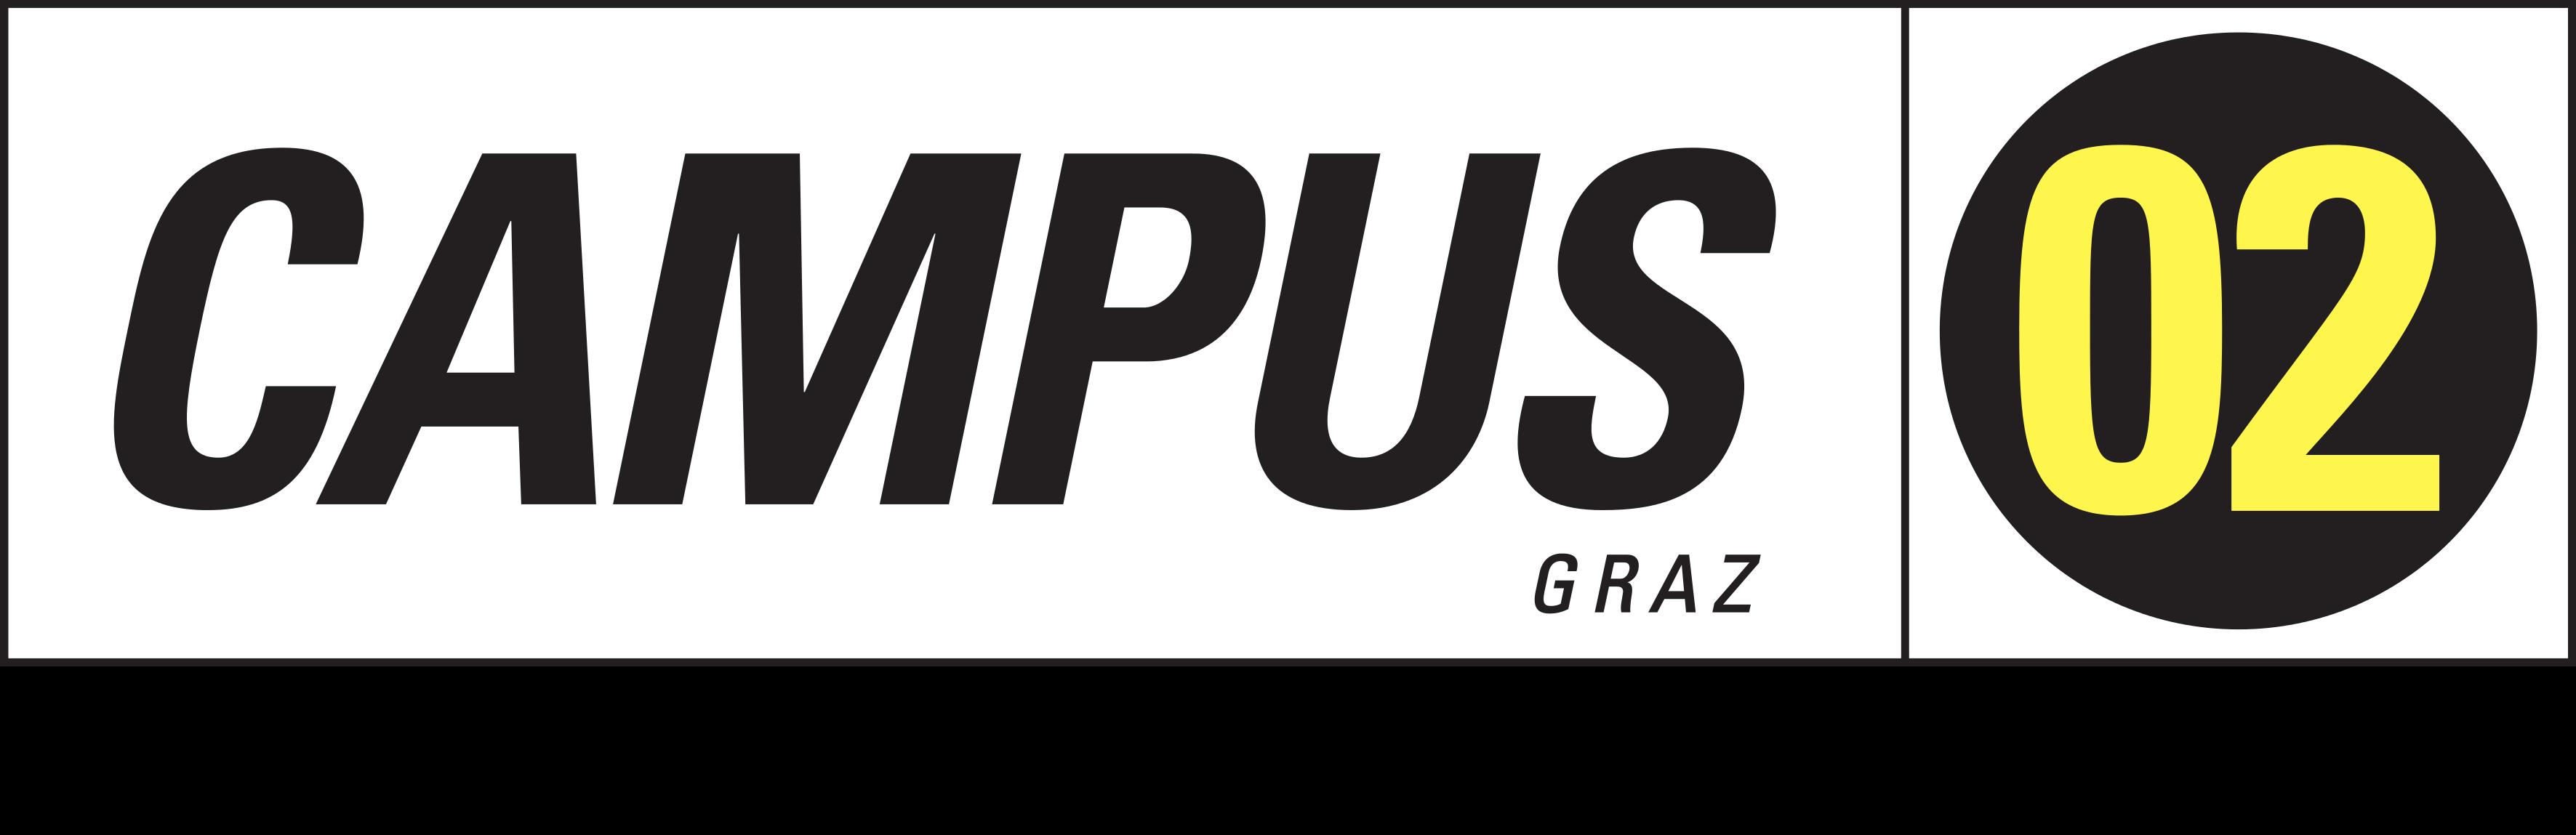 FH Campus 02